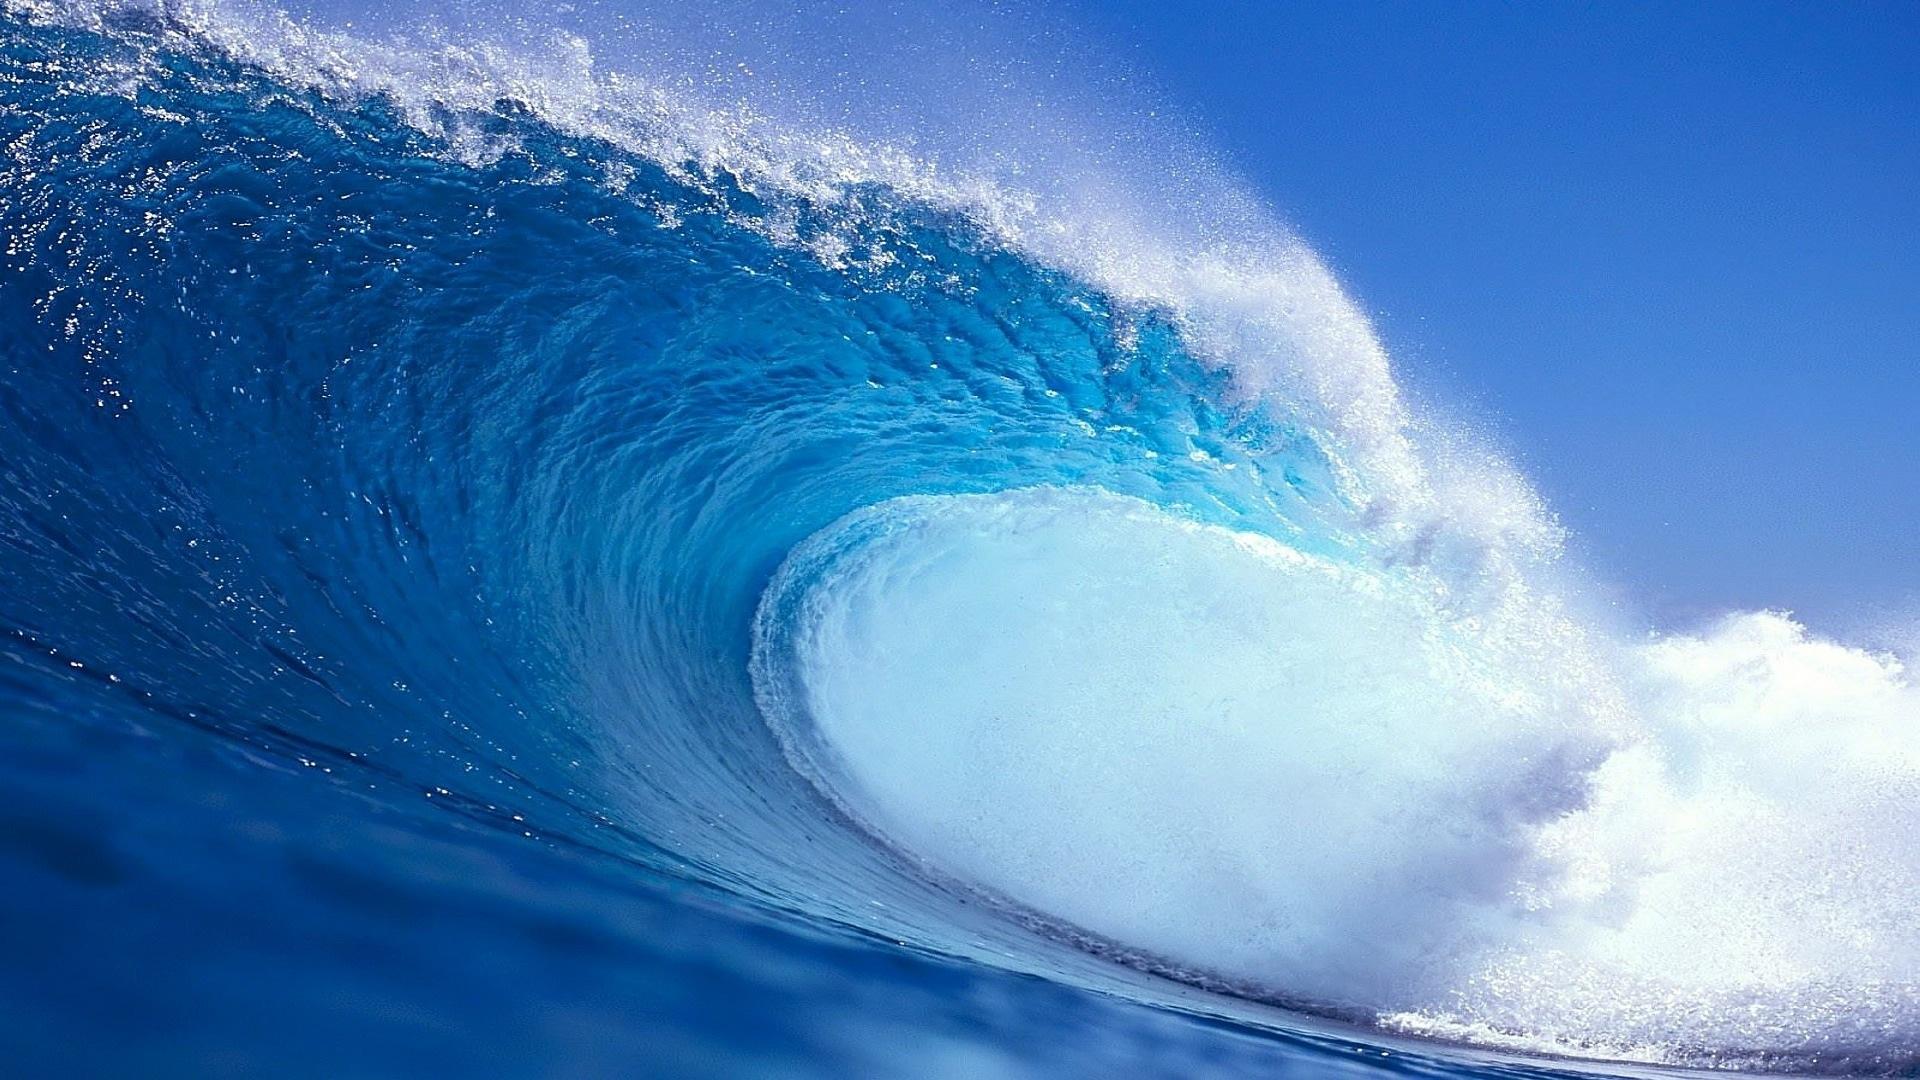 природа волна радуга вода  № 1039544 бесплатно